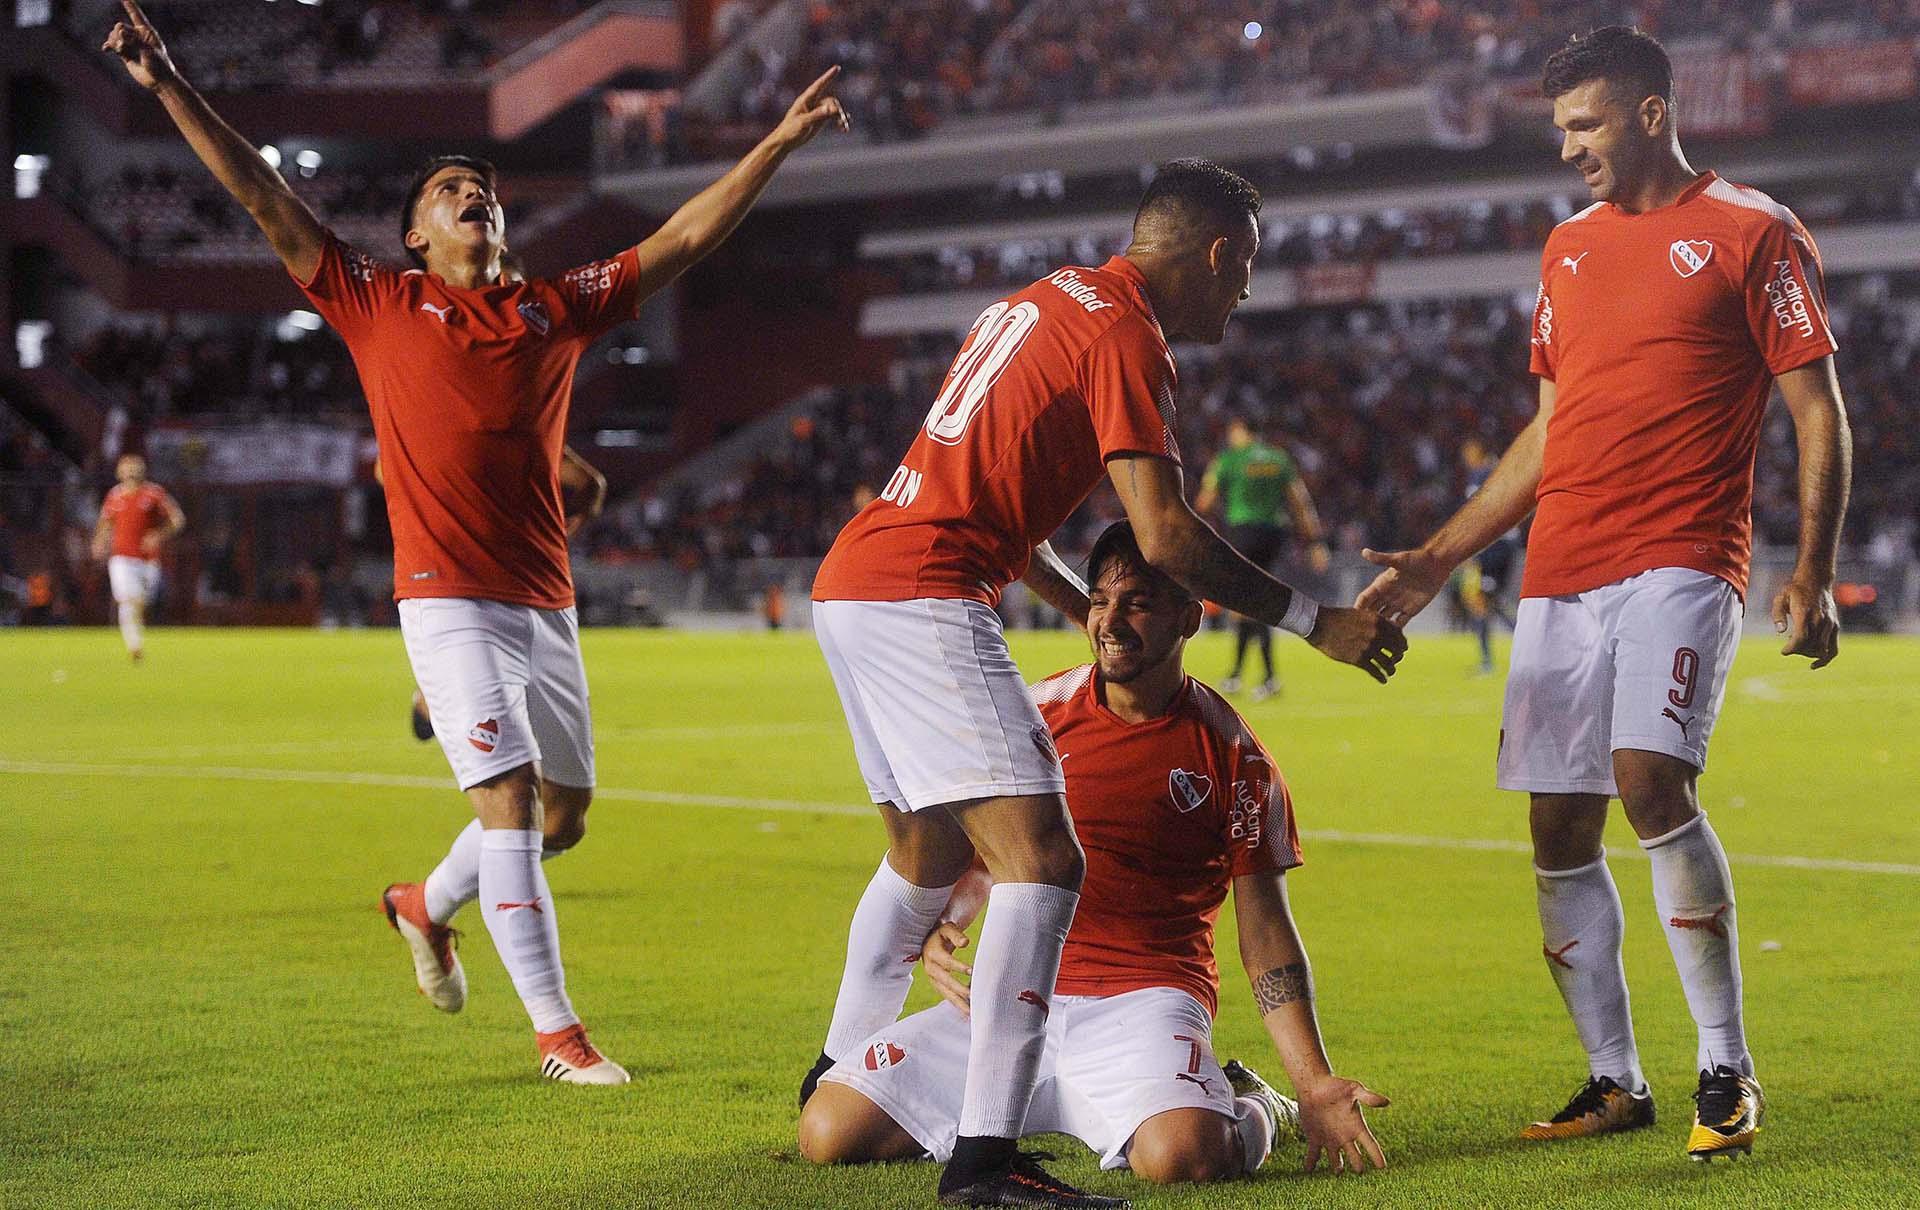 Independiente visita a Unión, por la última fecha de la Superliga (Télam)